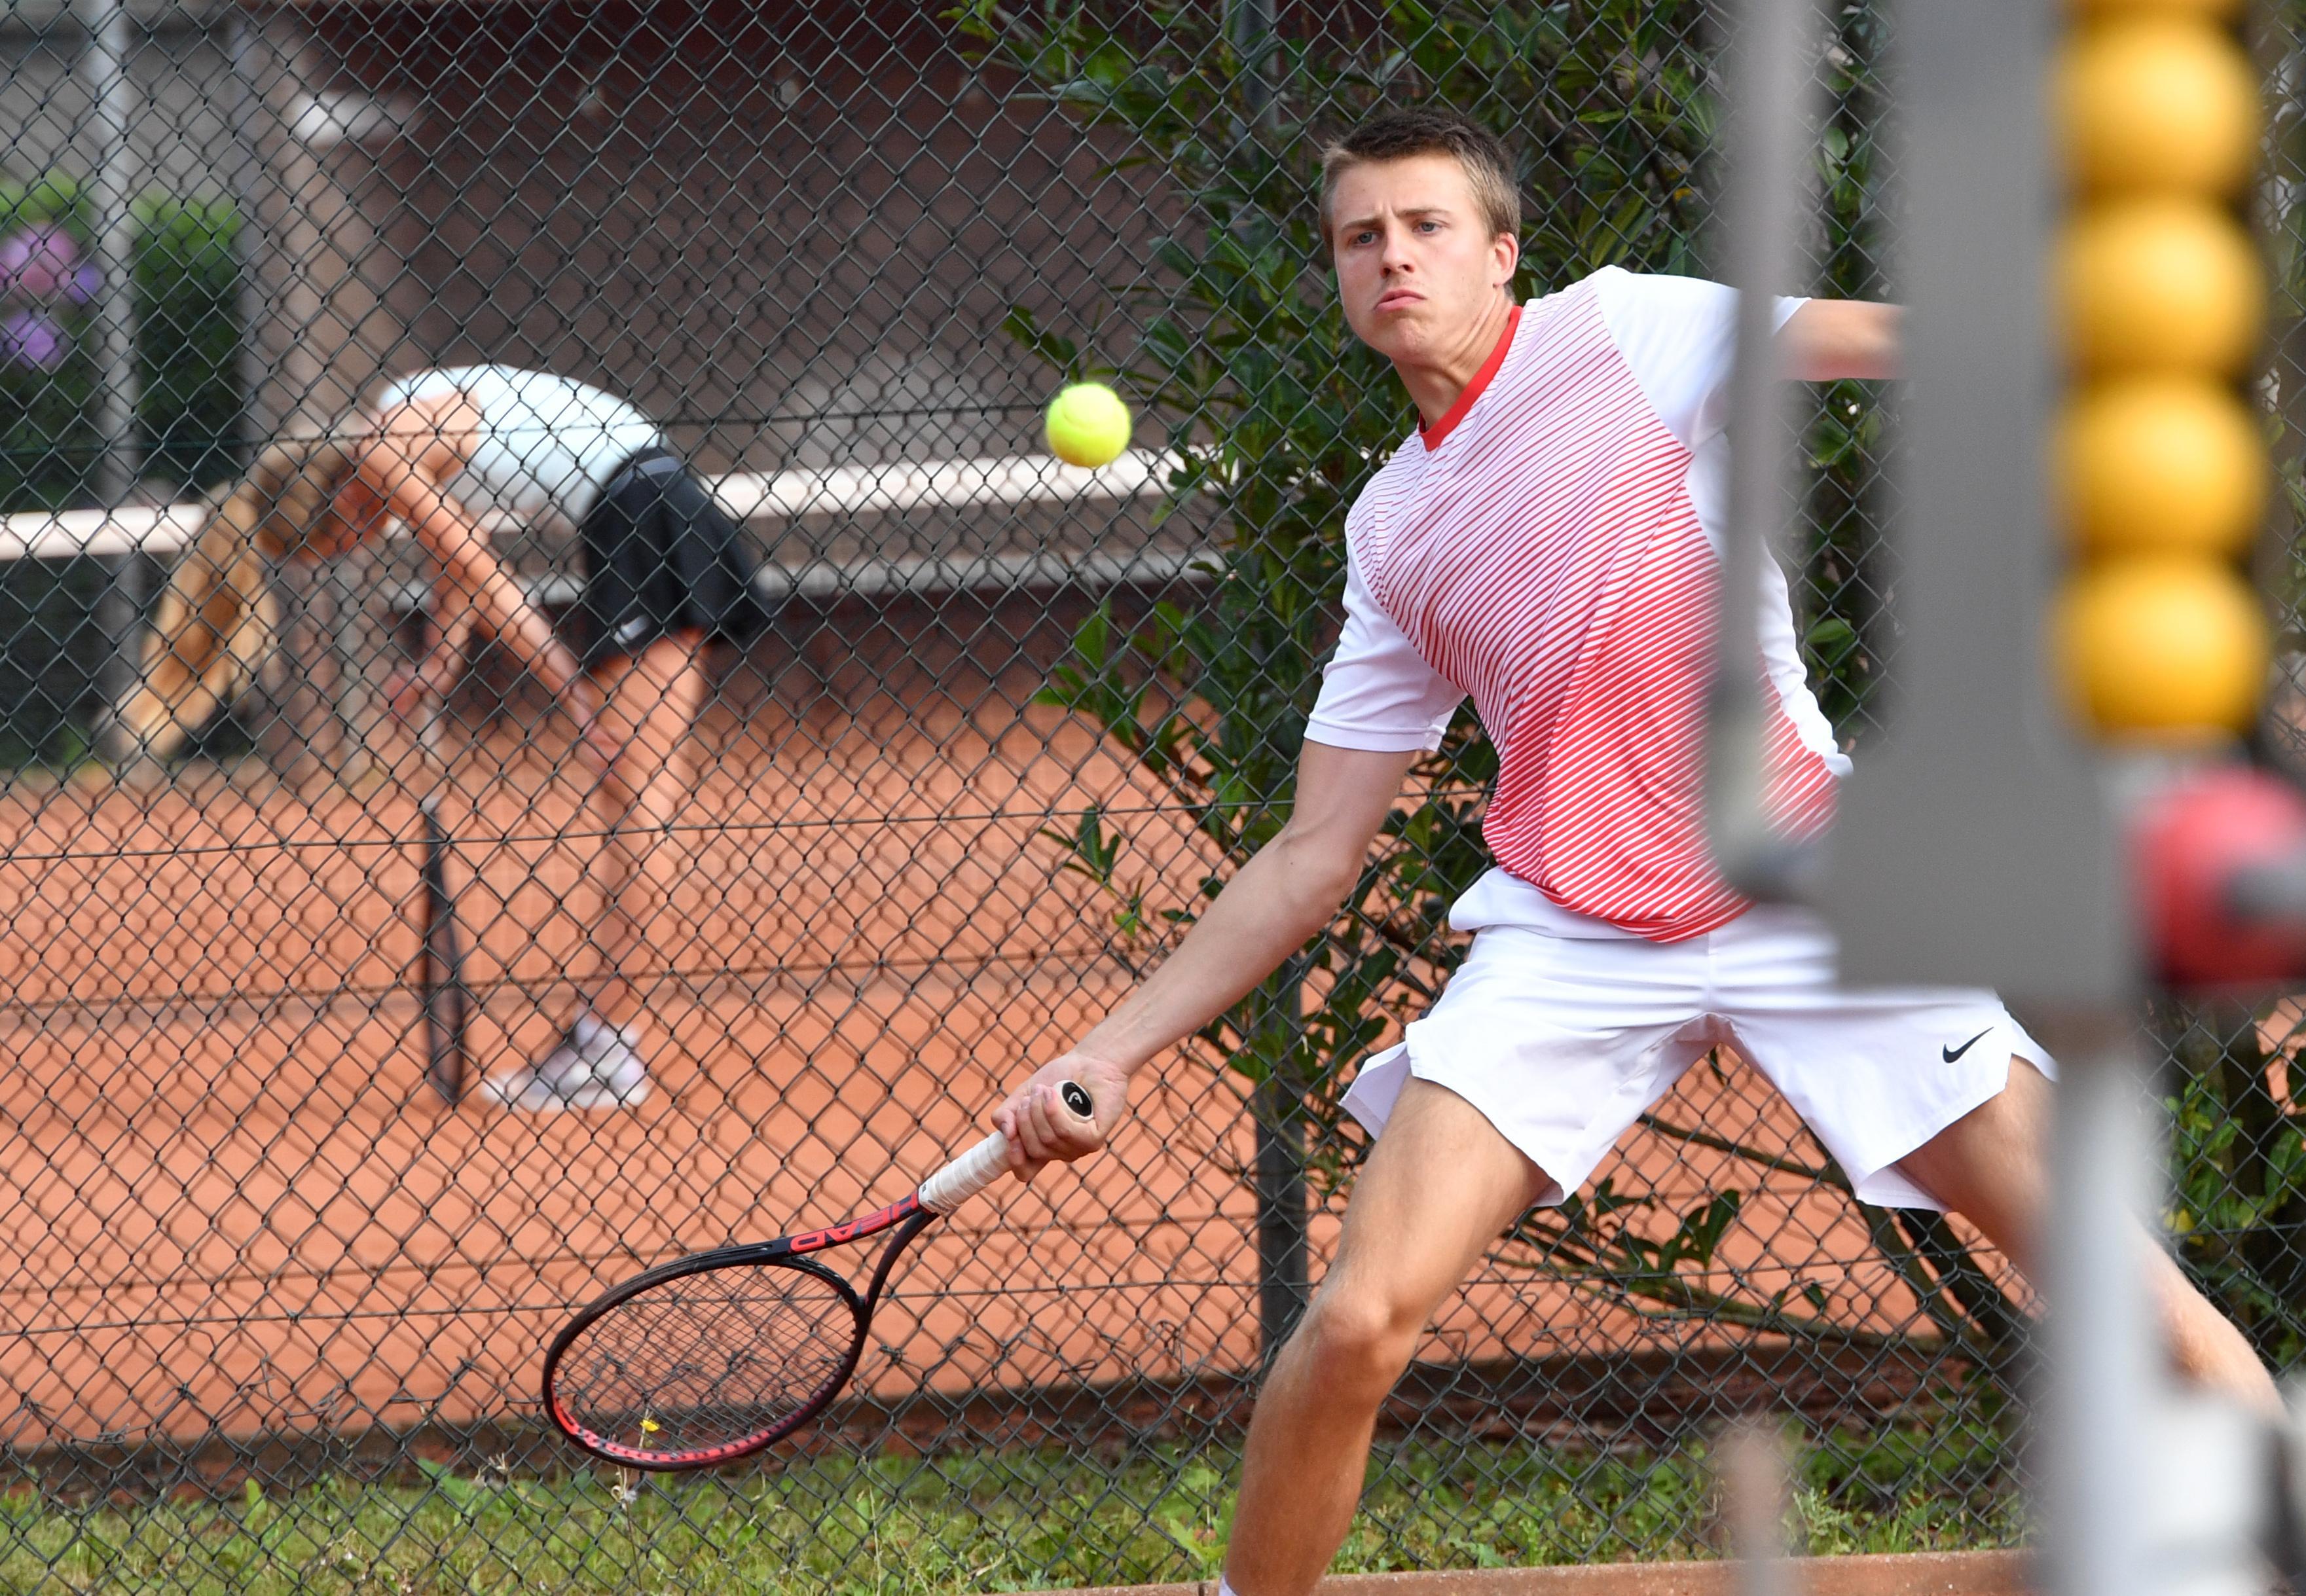 Gosse Panagoulopoulos komt op eigen tennispark in finale van Kaasstadtoernooi net tekort